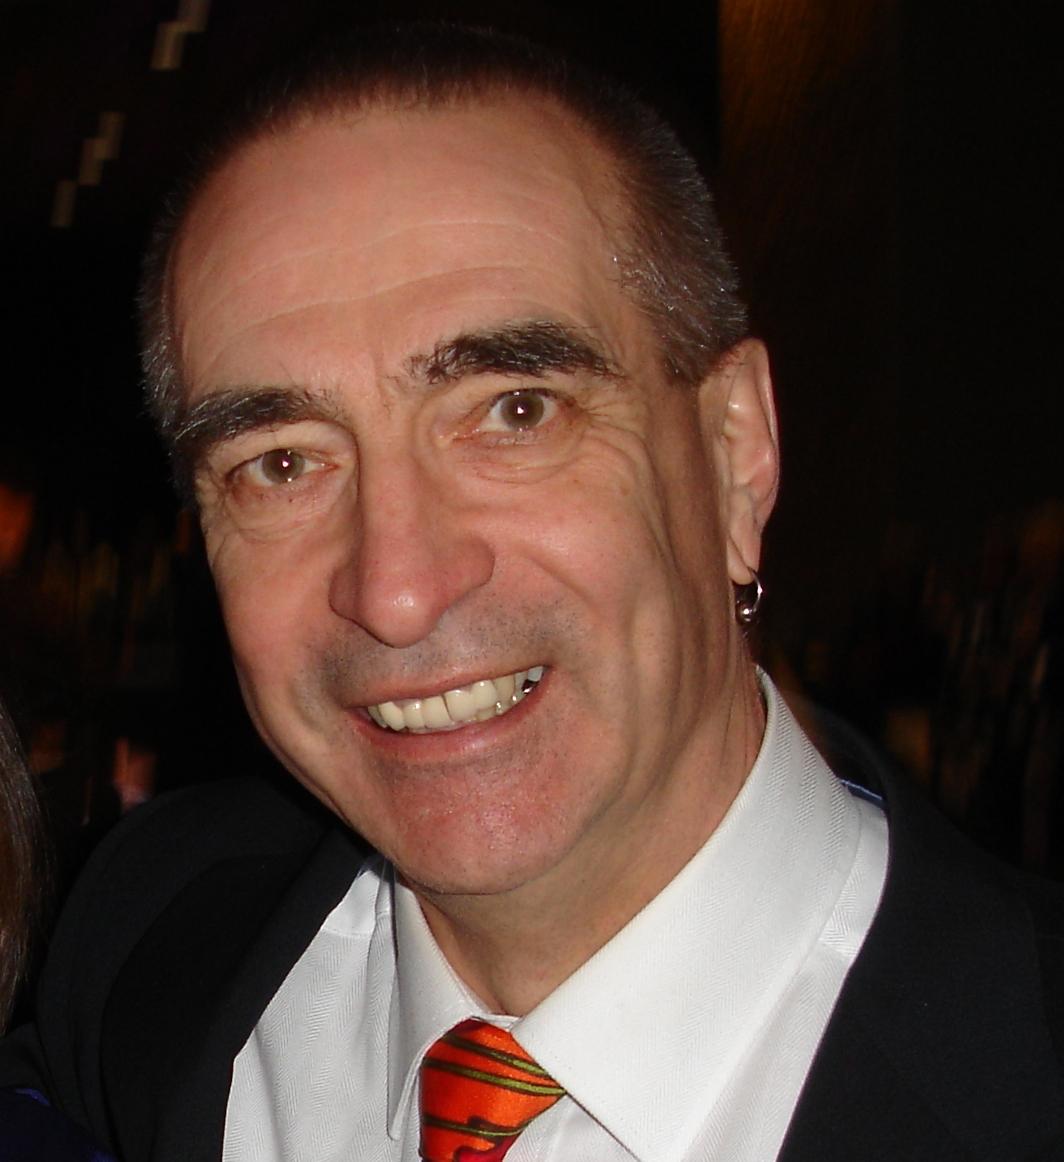 Phil Hawkins